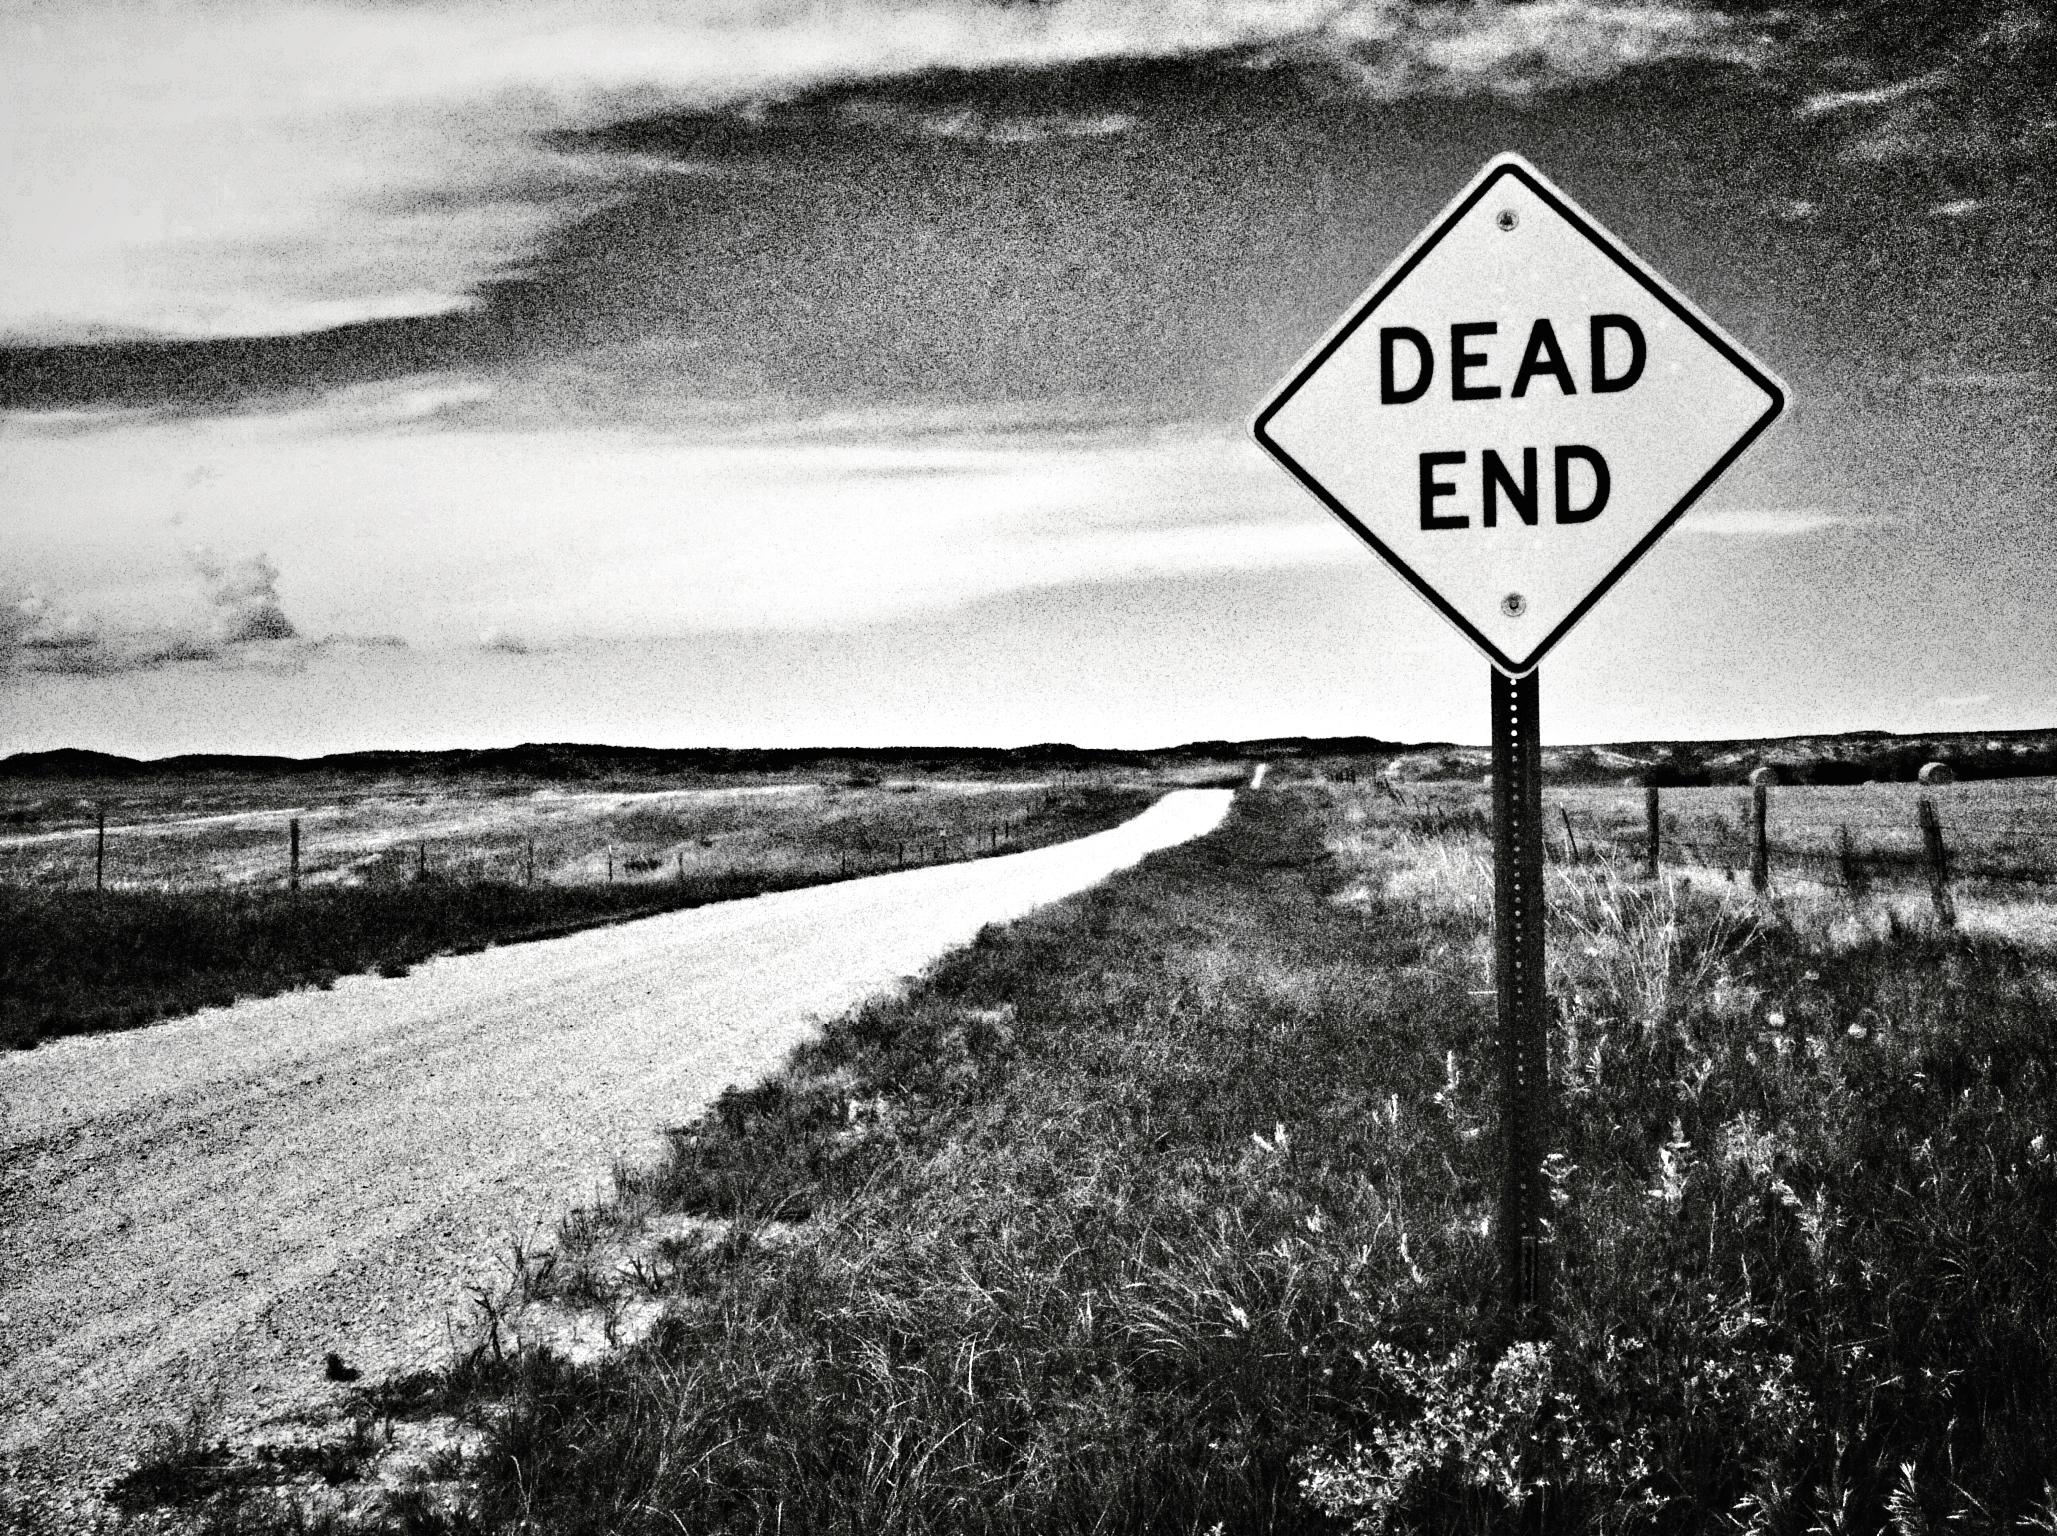 JRawlings-dead end